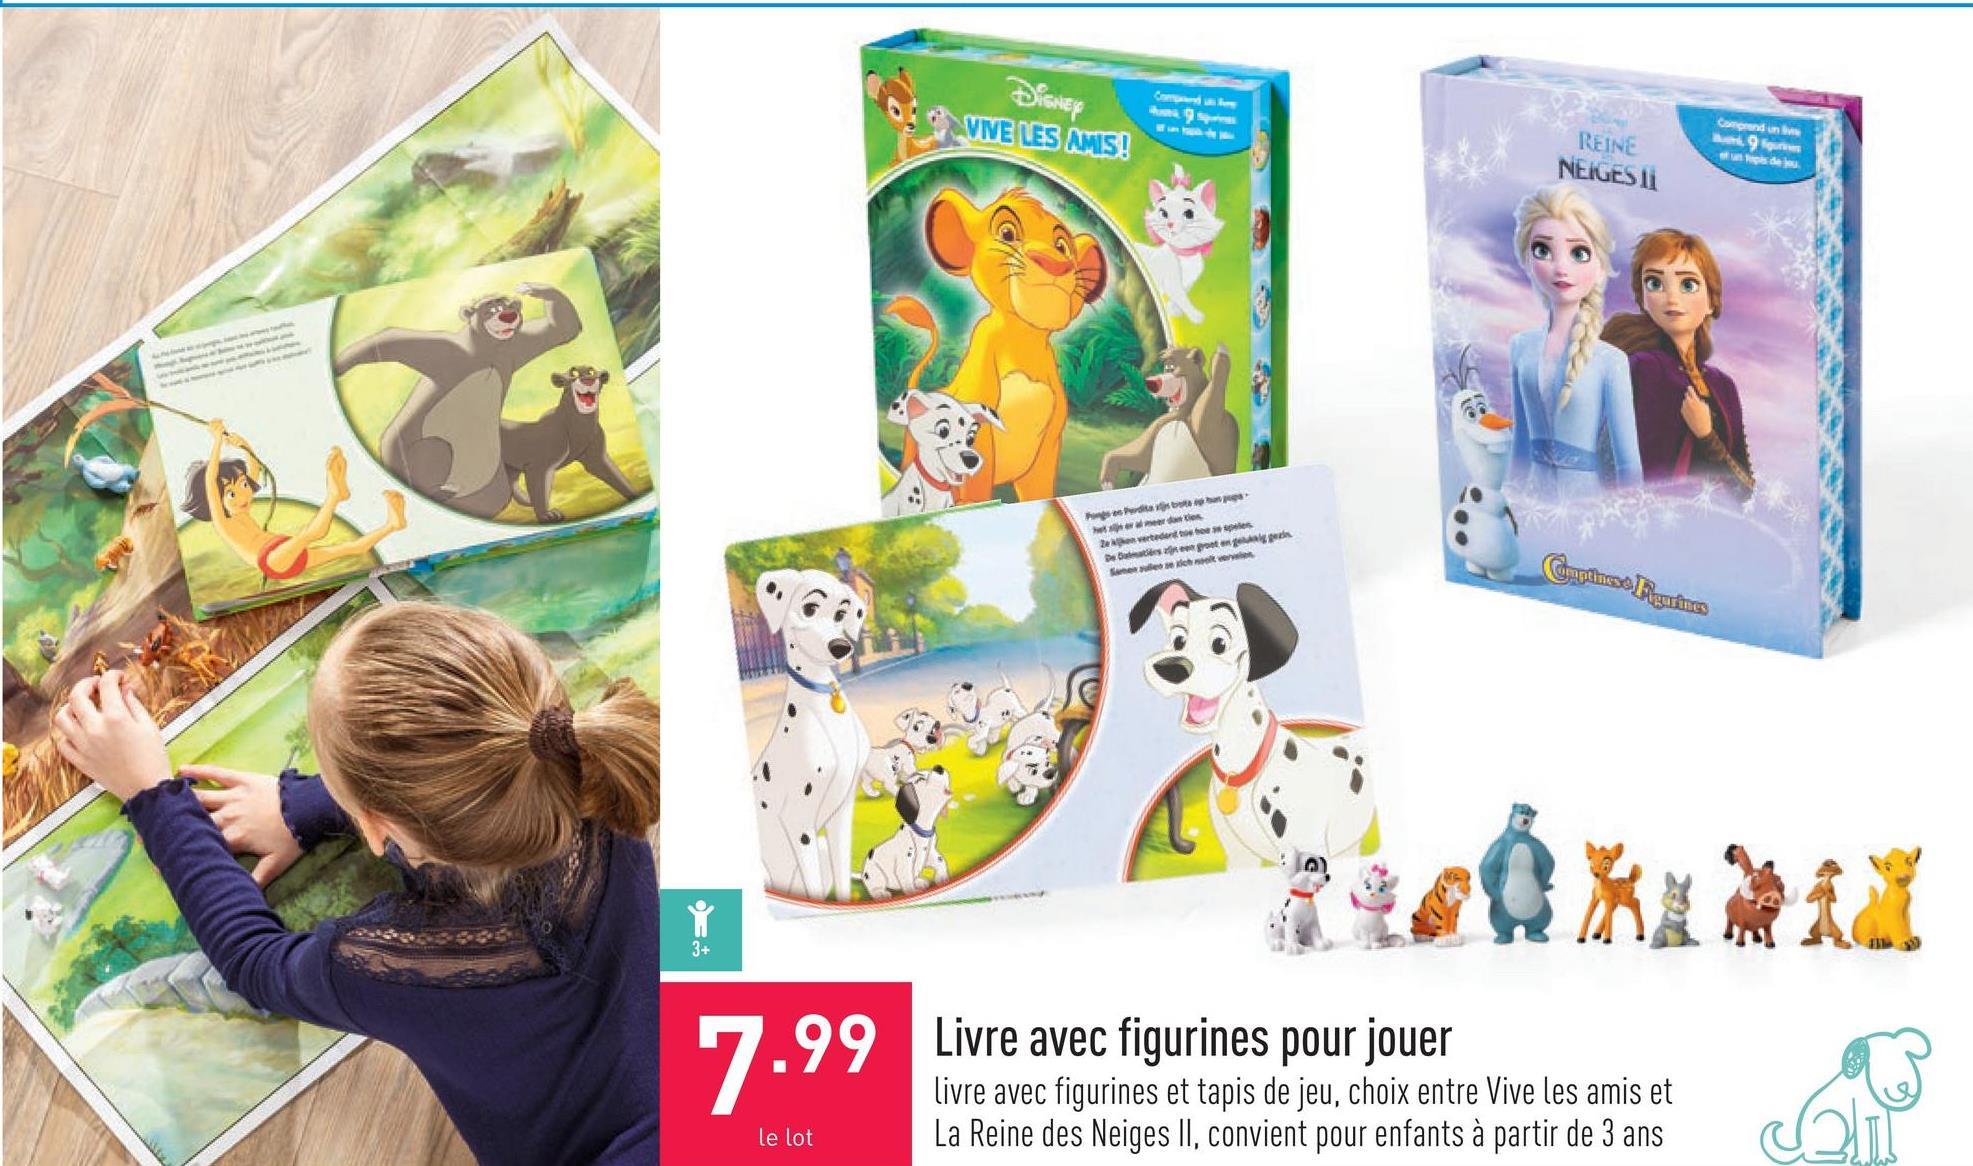 Livre avec figurines pour jouer livre avec figurines et tapis de jeu, choix entre Vive les amis et La Reine des Neiges II, convient pour enfants à partir de 3 ans